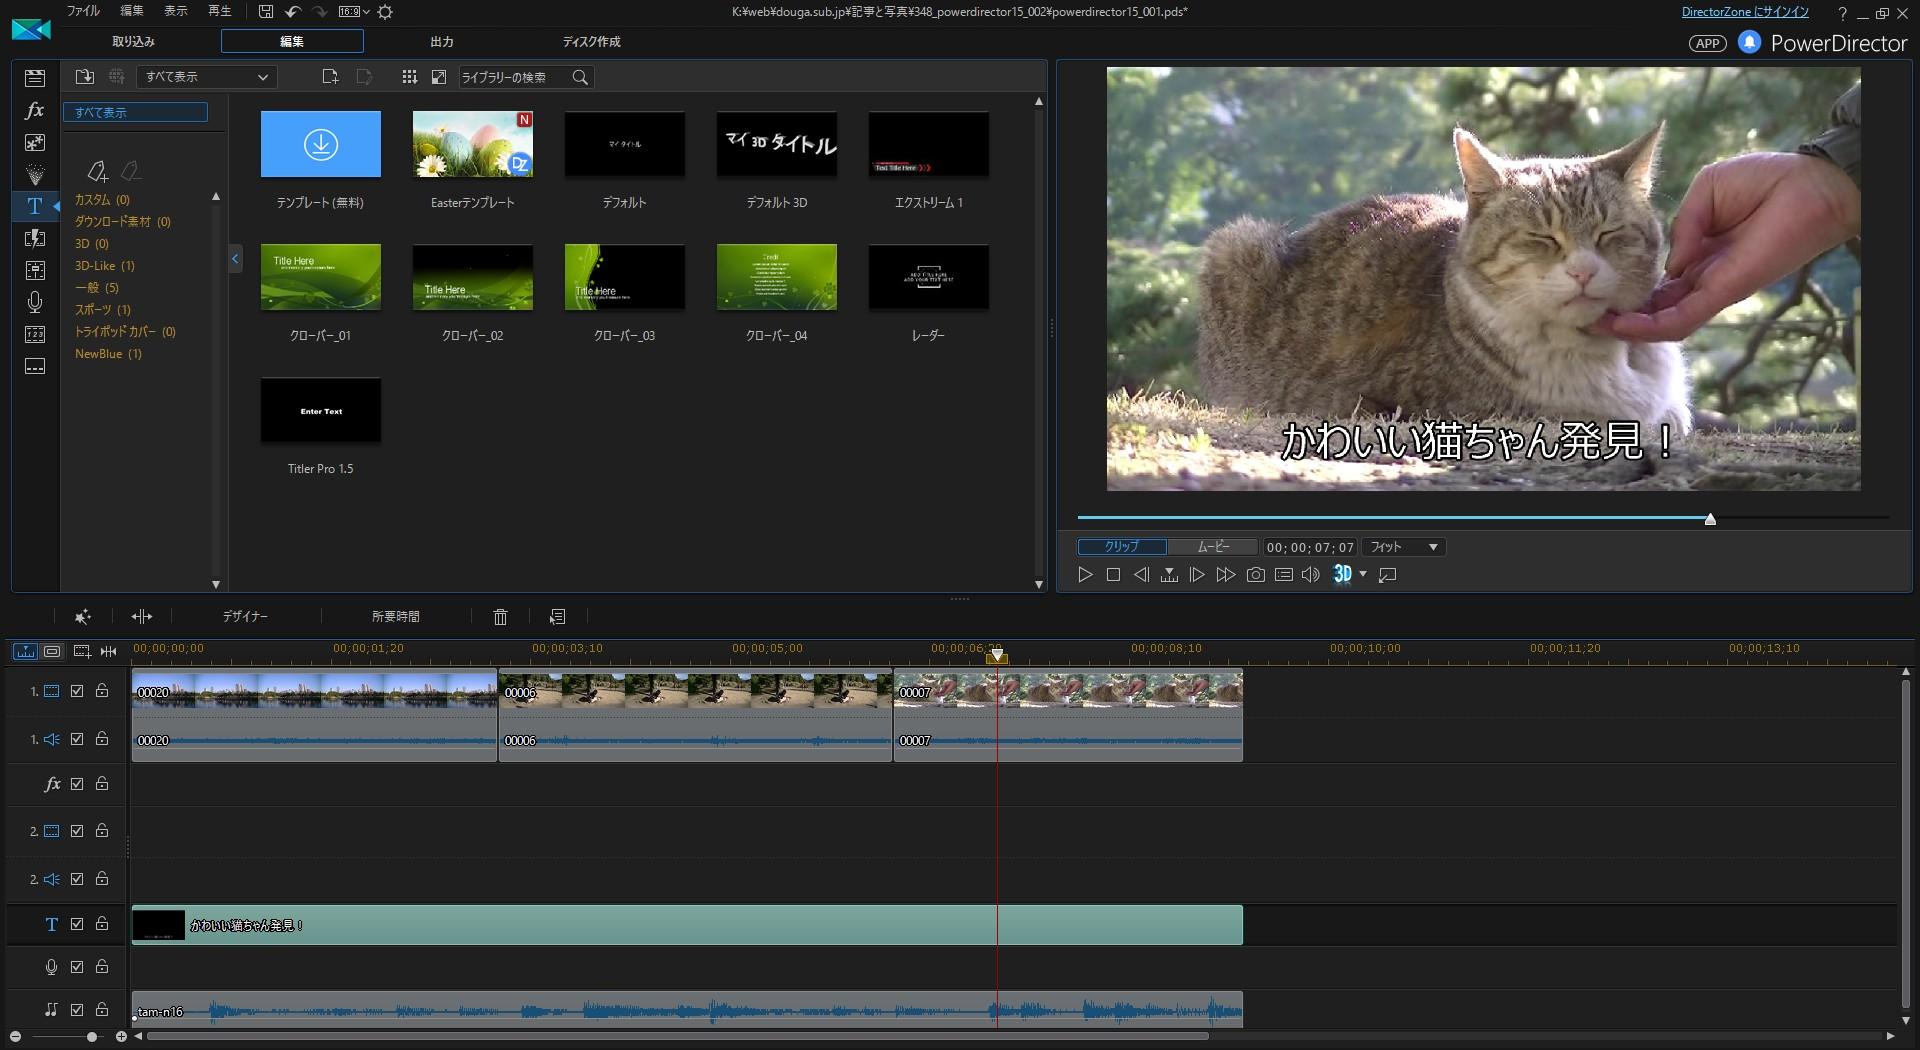 PowerDirector15の編集画面